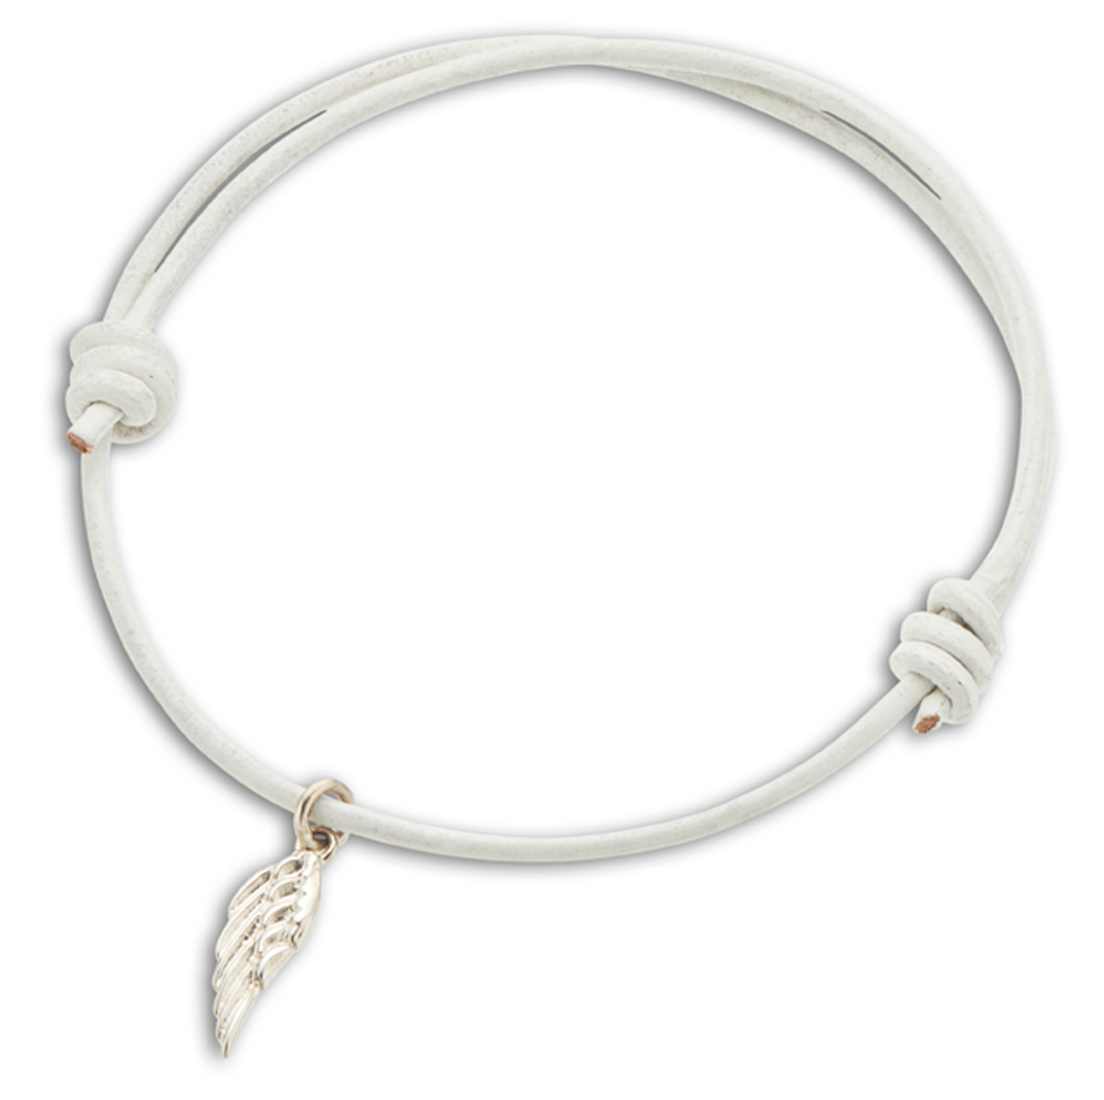 Palas Wing Leather Bracelet - $21.75